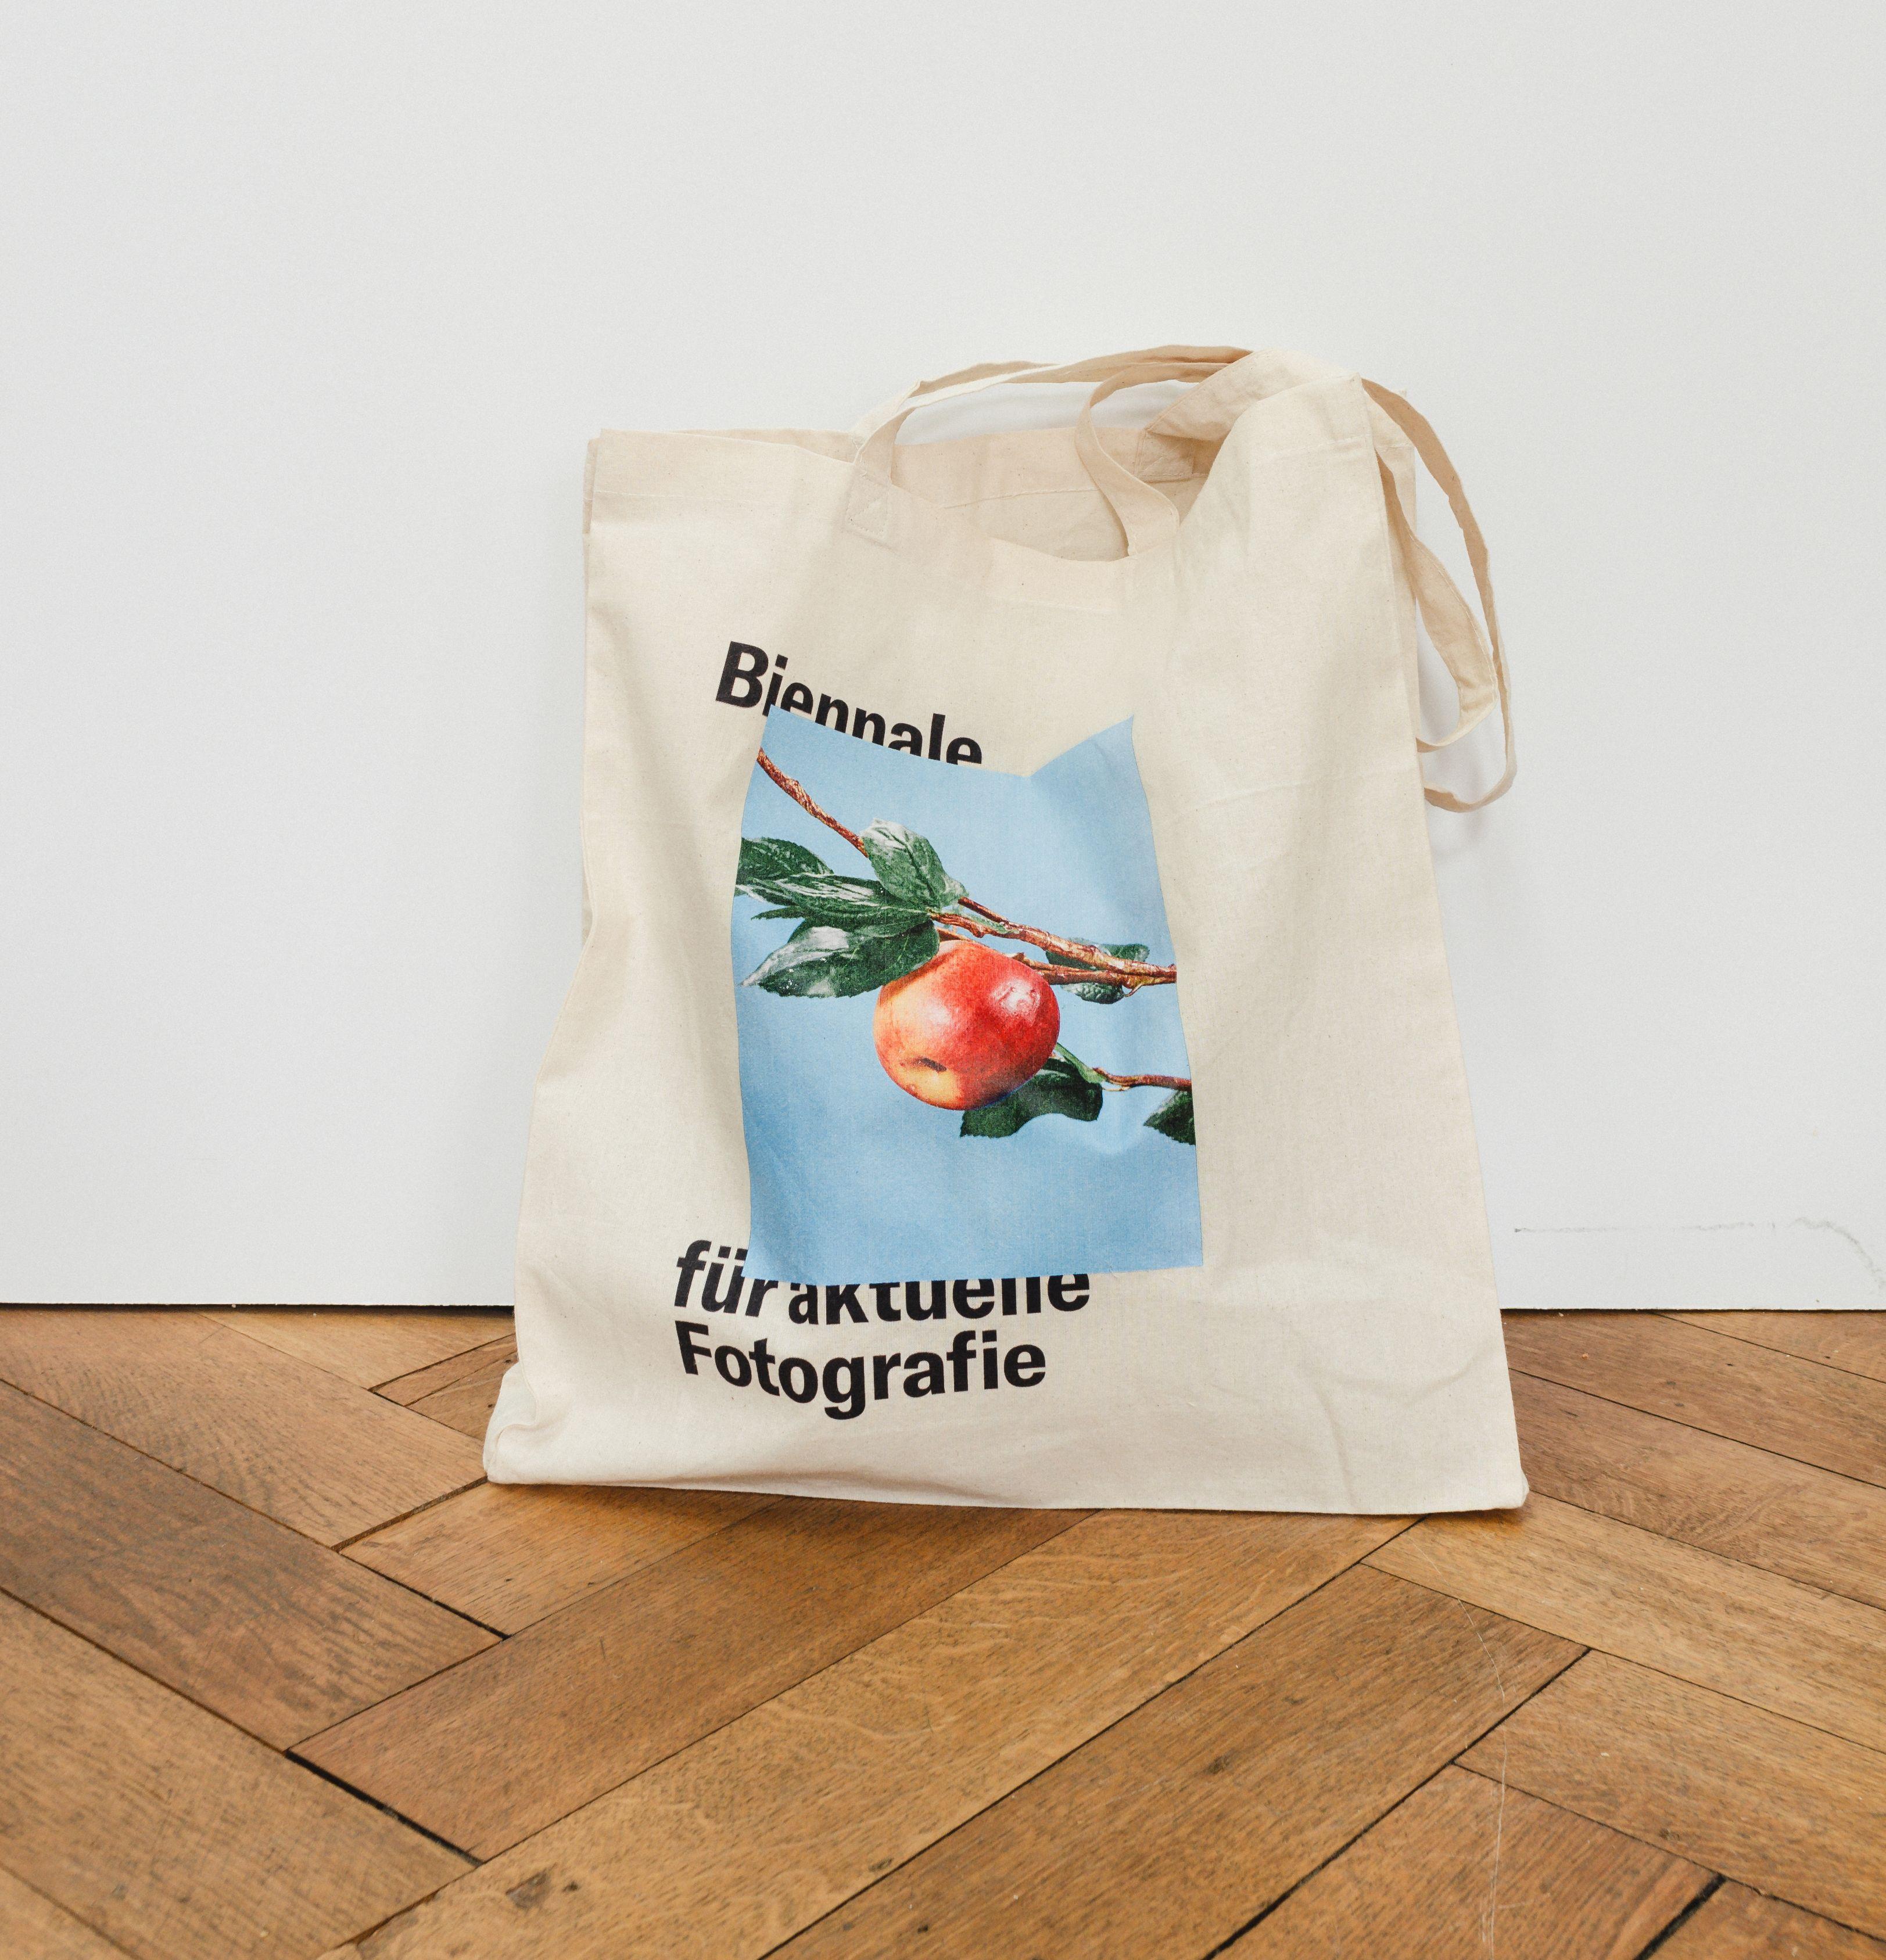 img_Biennale bags